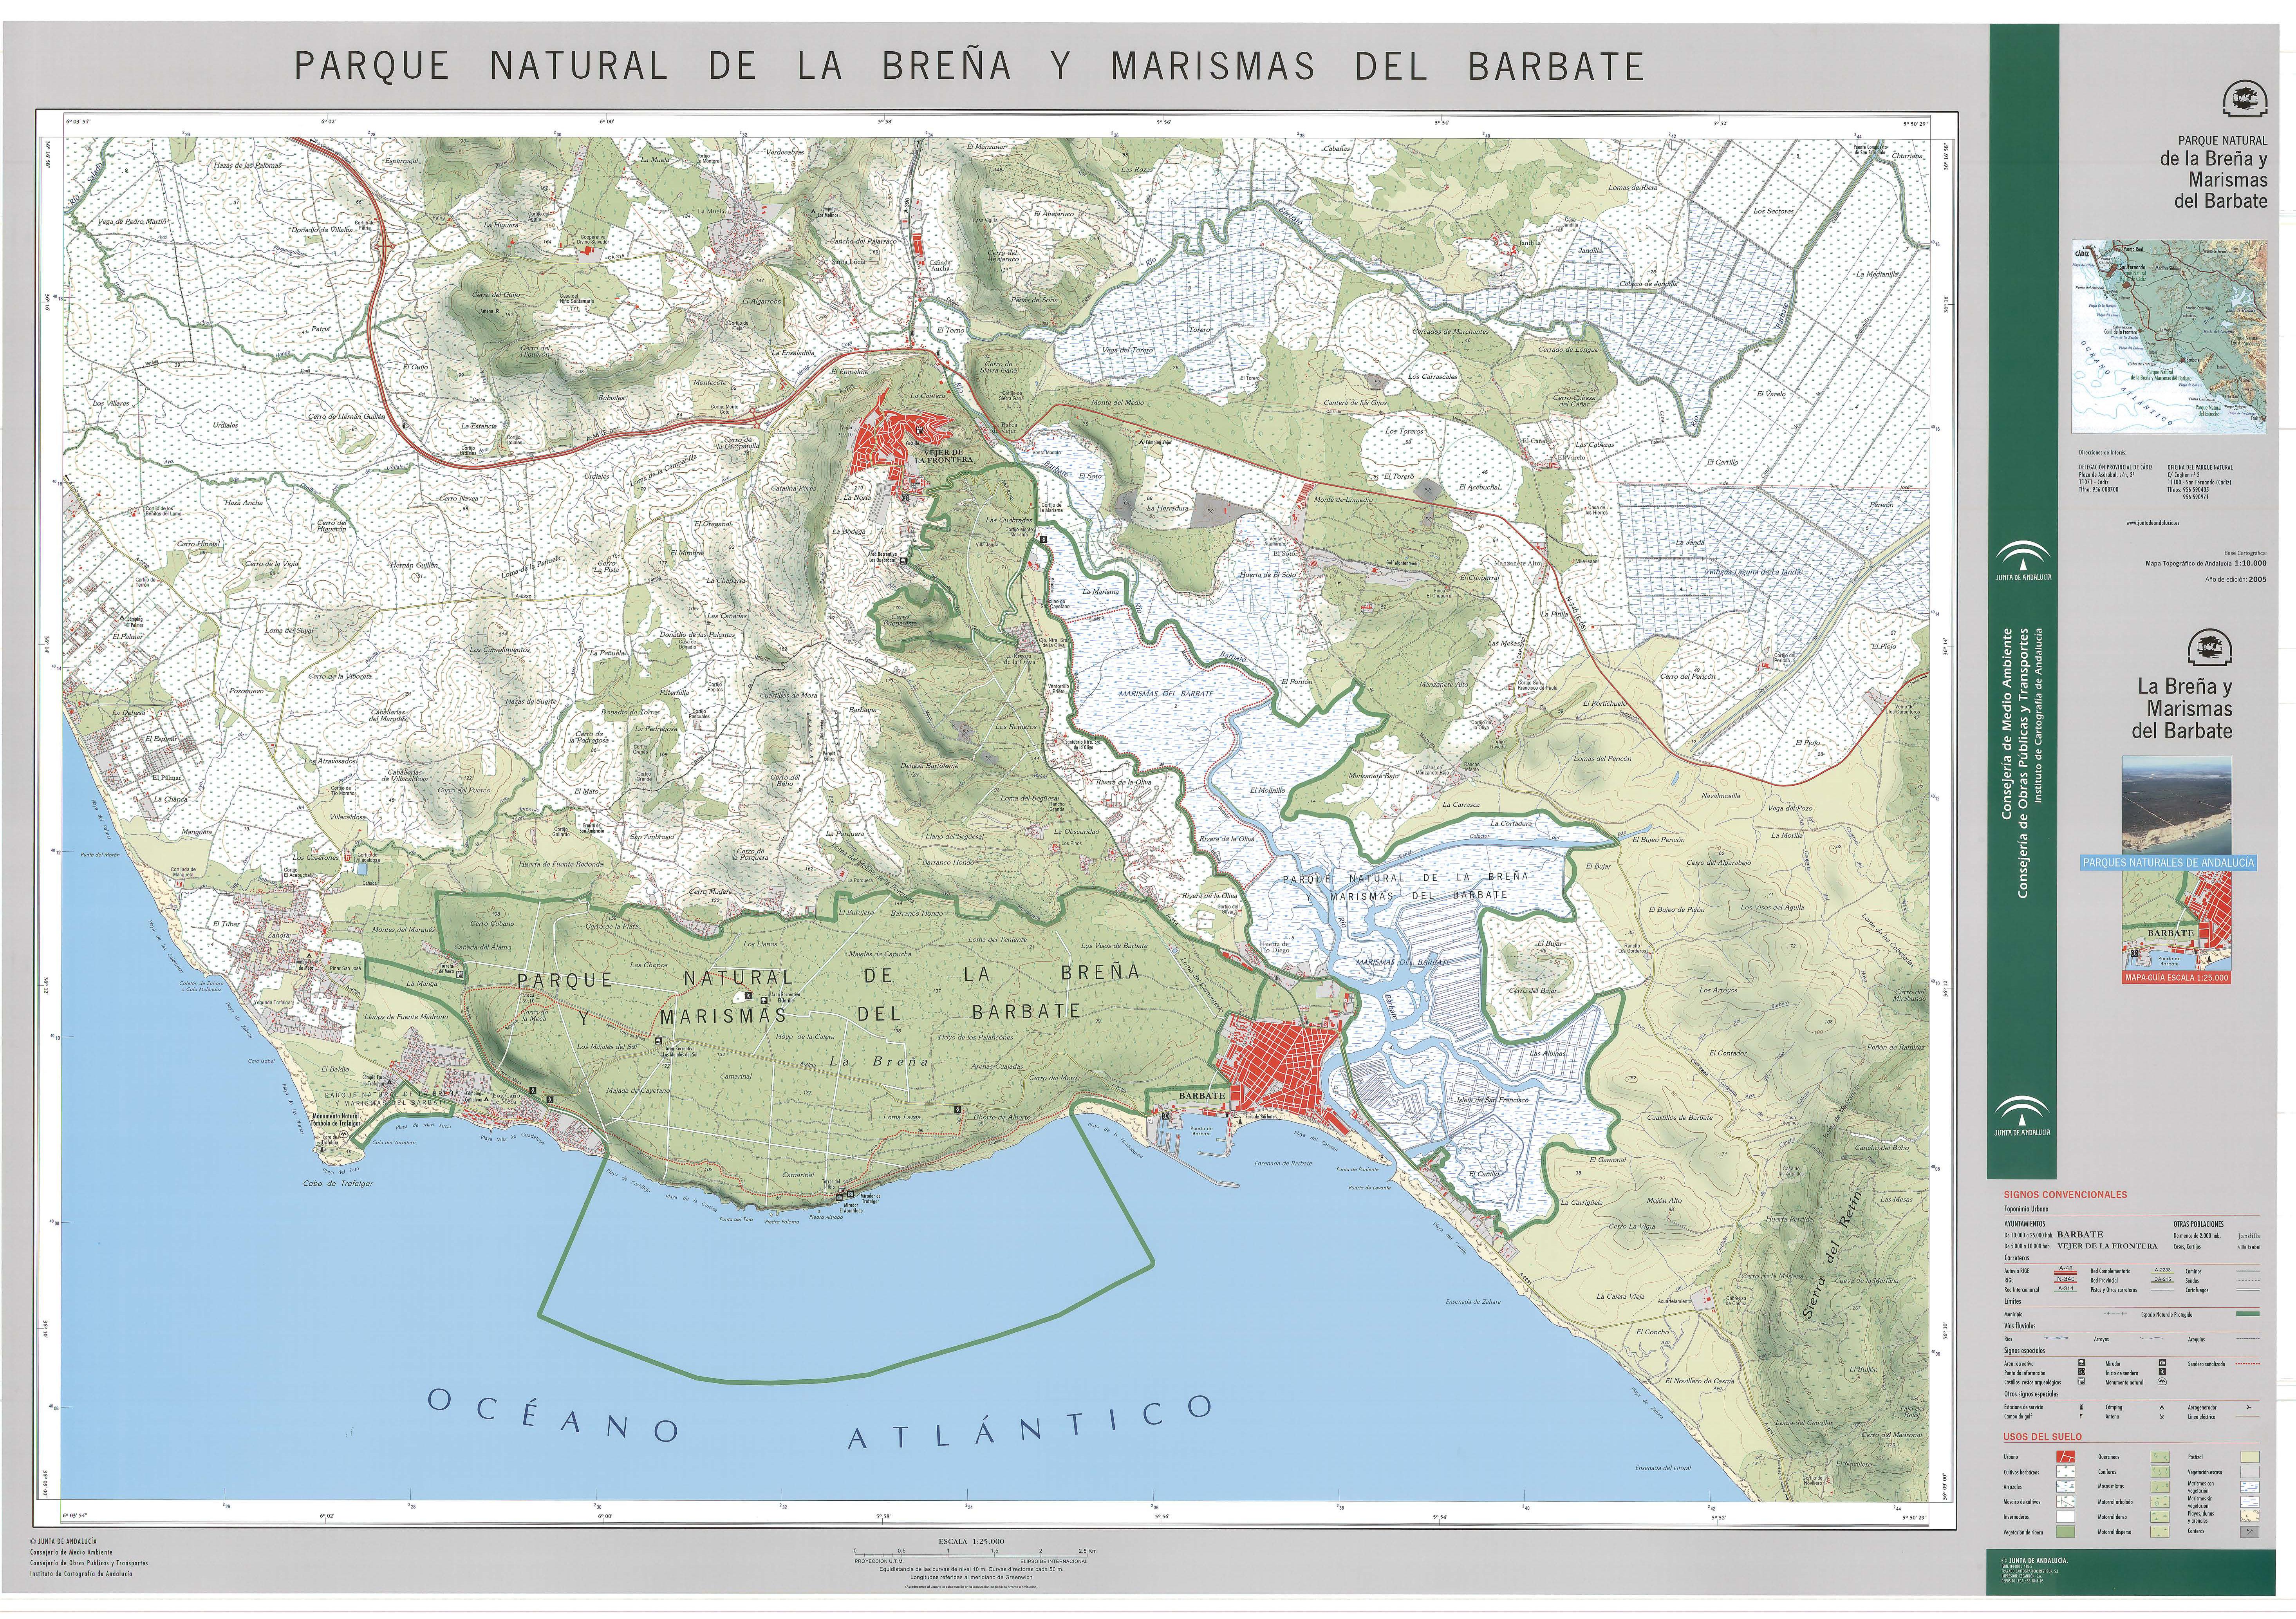 Parque Natural Las Breñas y Marismas de Barbate 2005